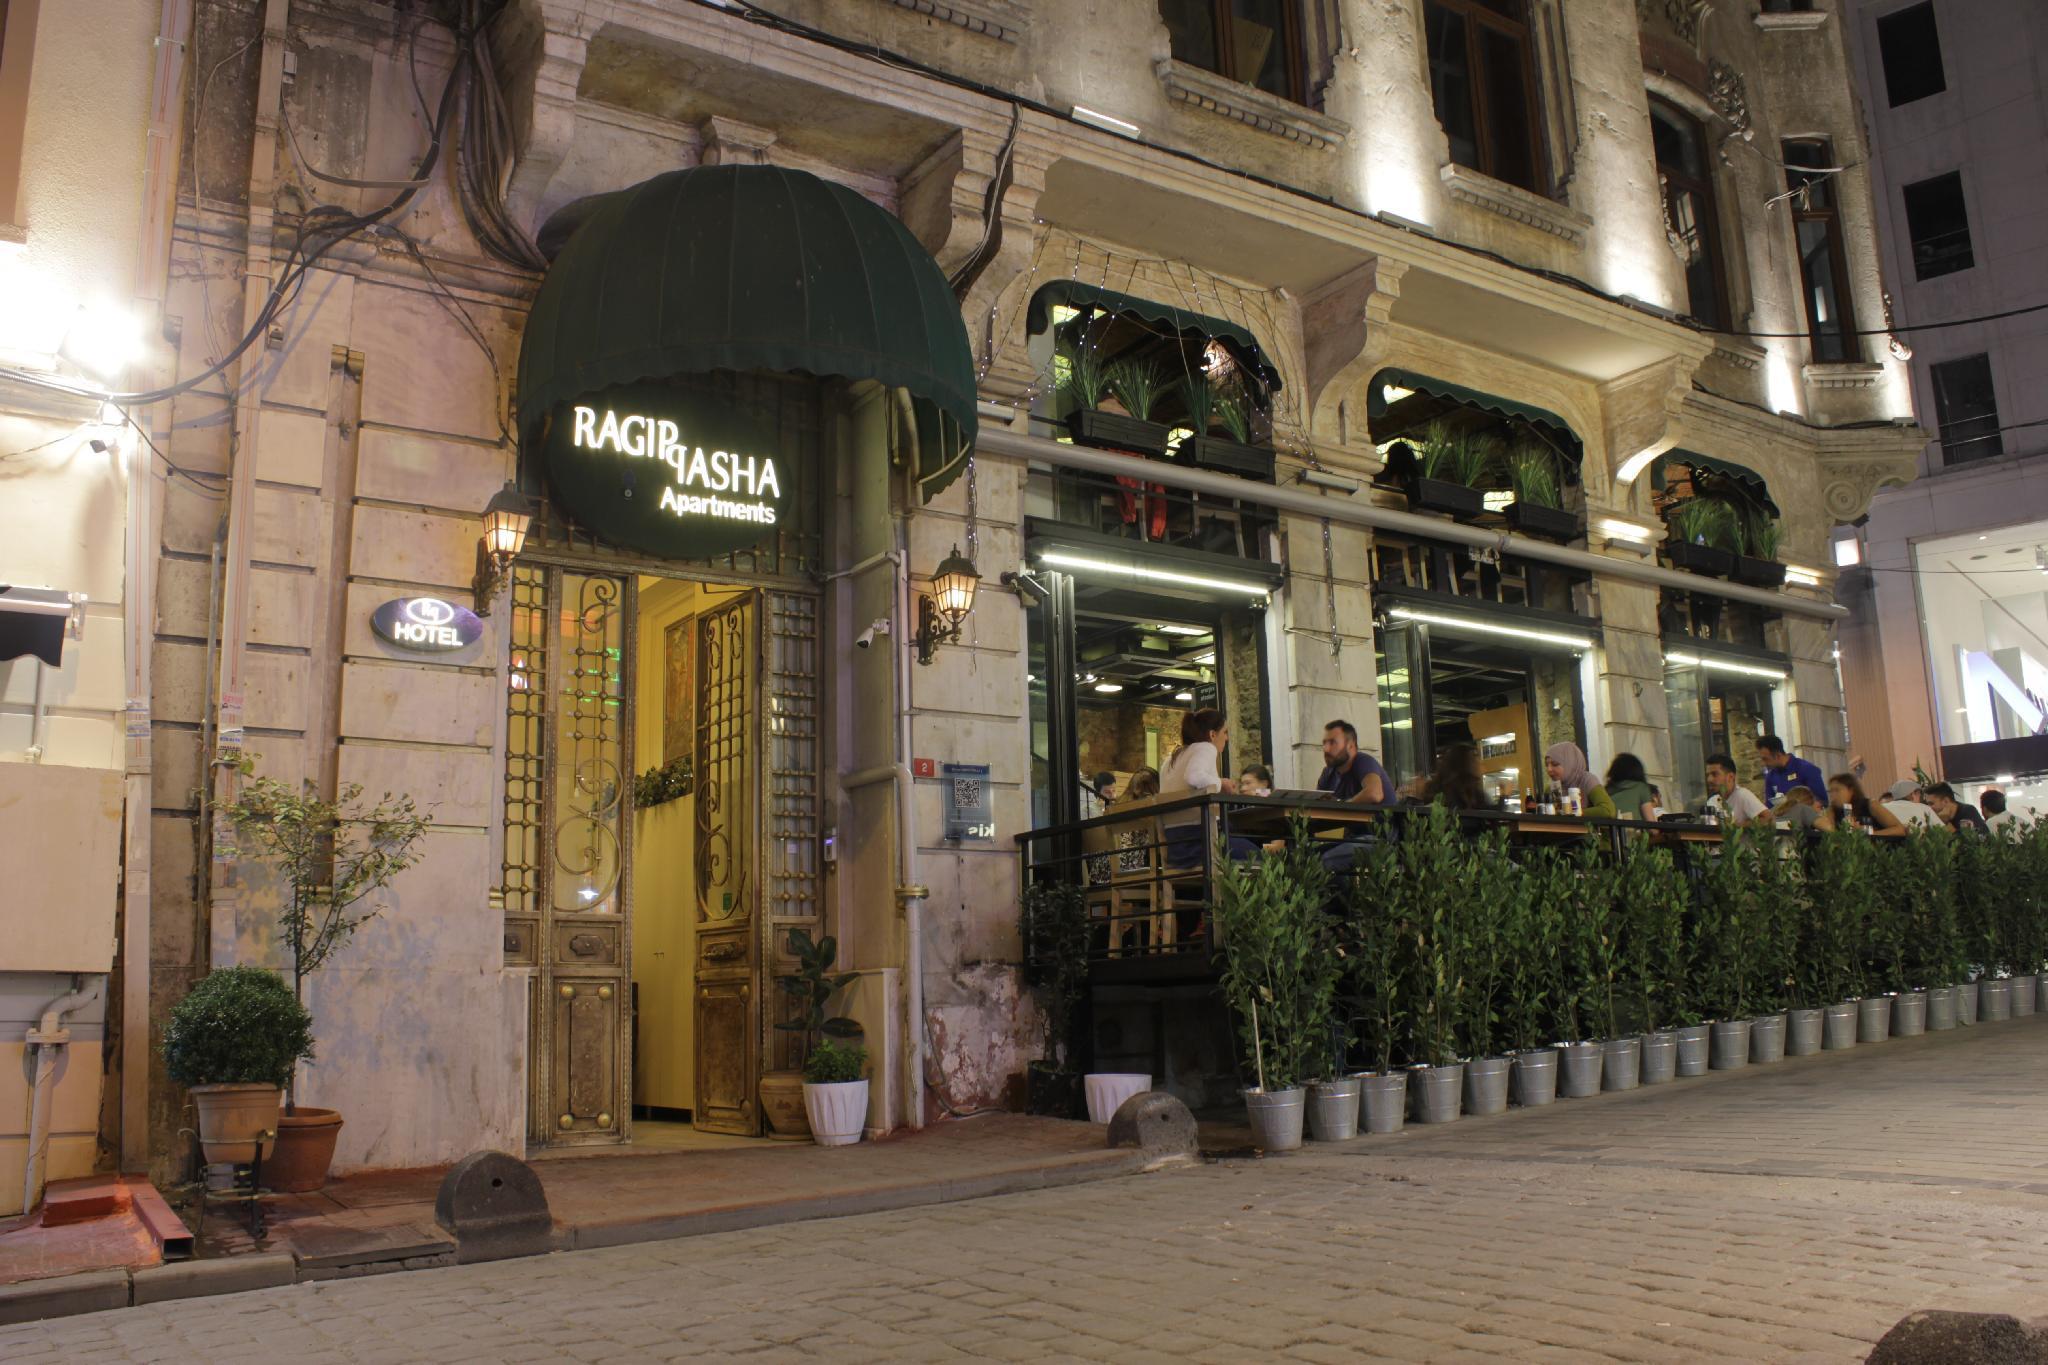 Ragip Pasha Apartment